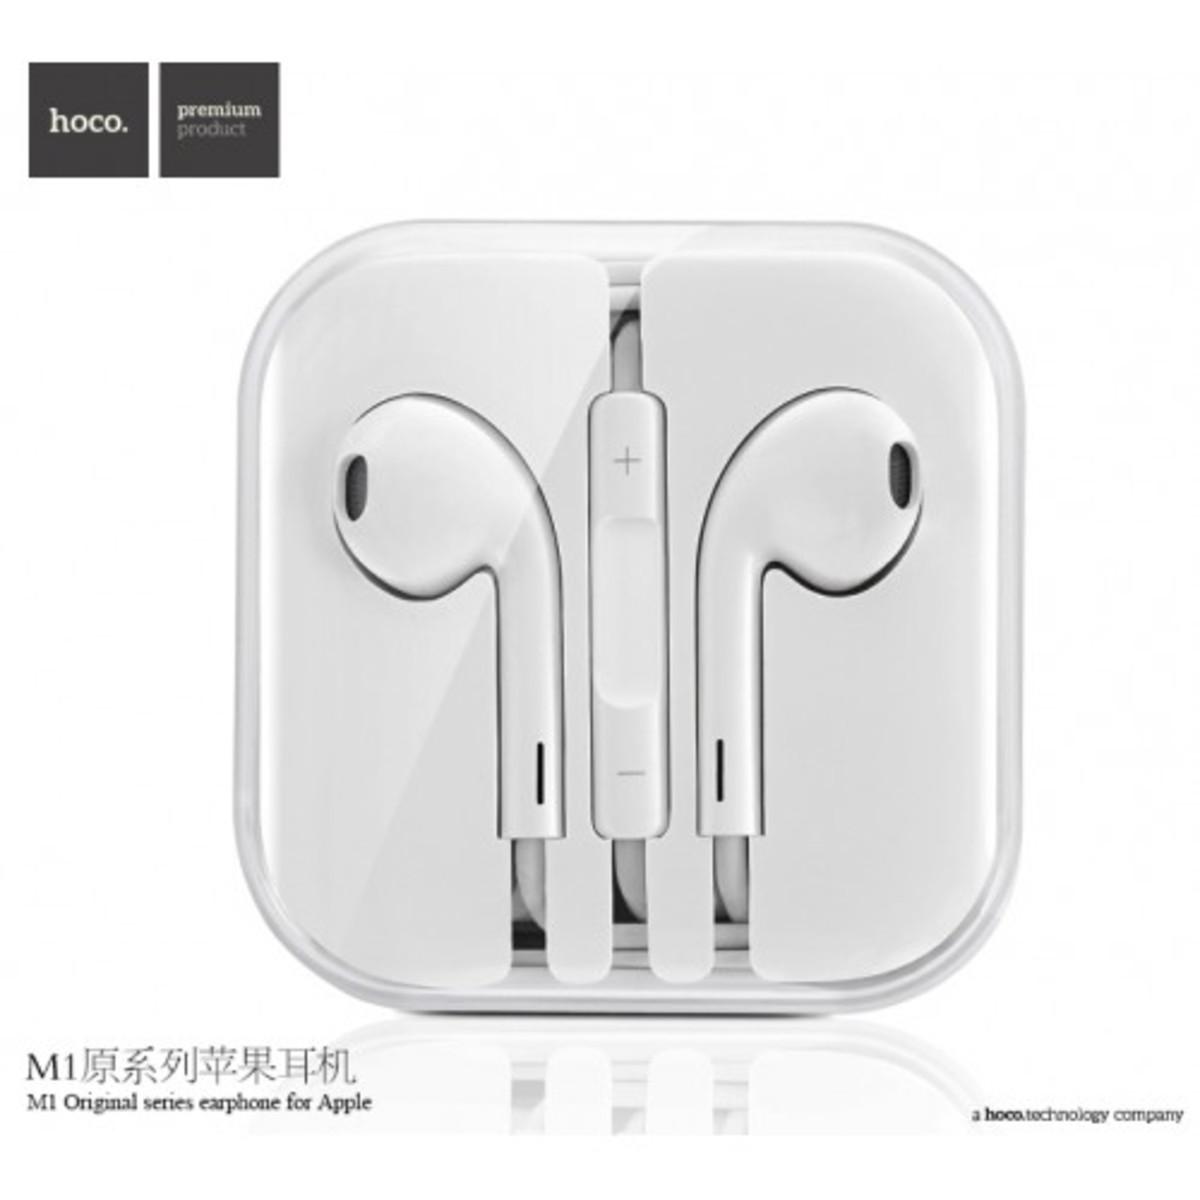 M1 ORIGINAL SERIES 3.5MM JACK EARPHONES MICROPHONE APPLE